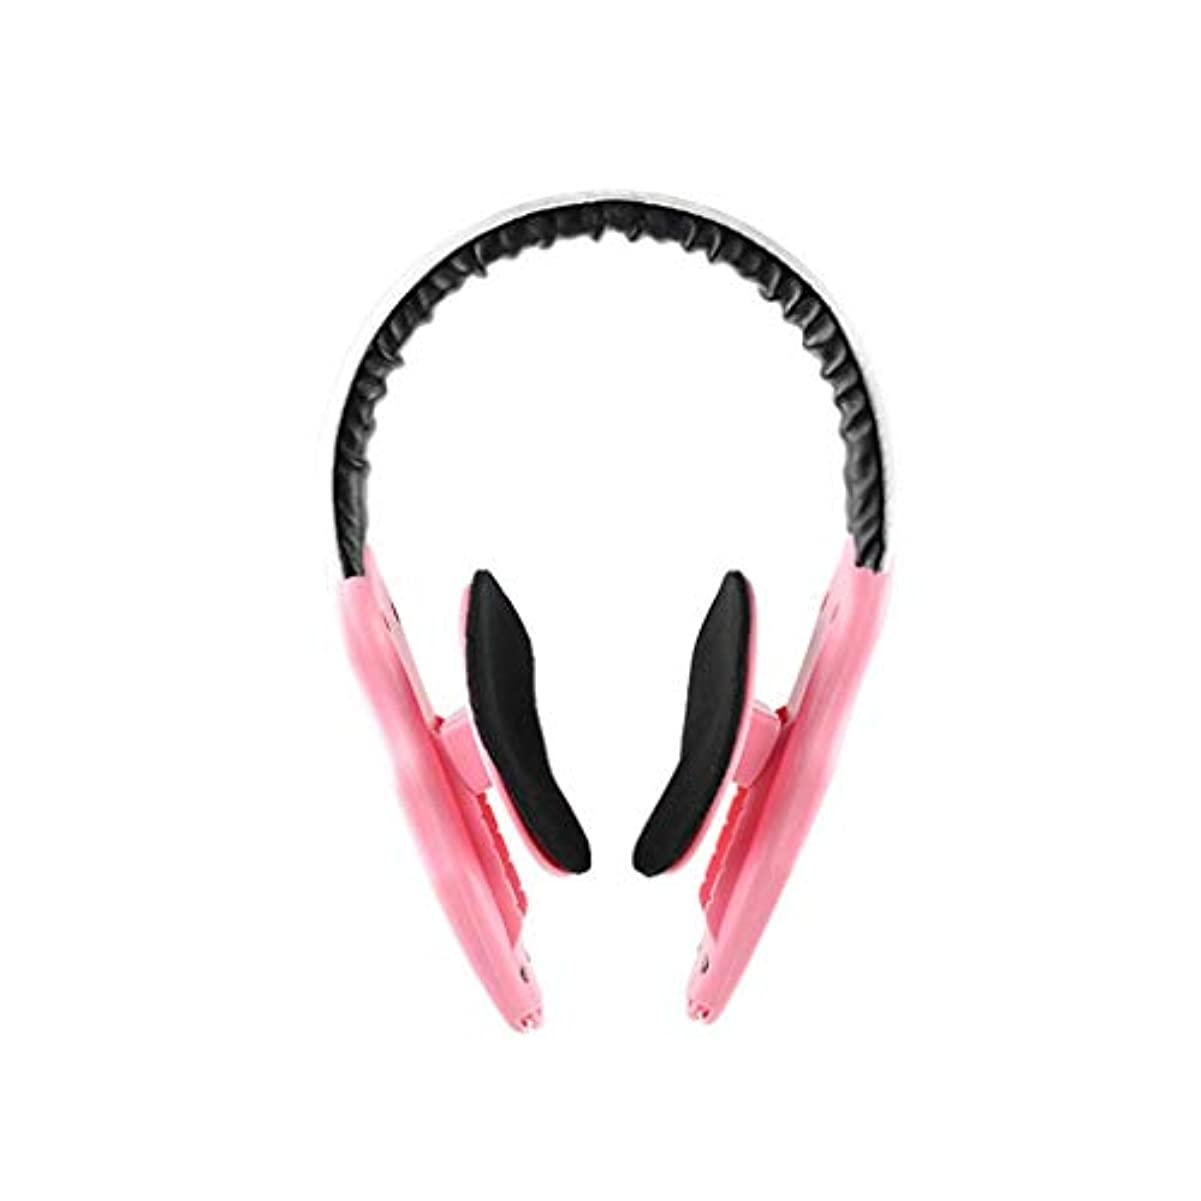 スラッシュ損傷中庭LJK フェイスリフトマスク、フェイスブレース、非対称フェイスマッセターマッスル、フェイシャルラインの強化、フェイシャルファットの改善、男性に最適 (Color : Pink)